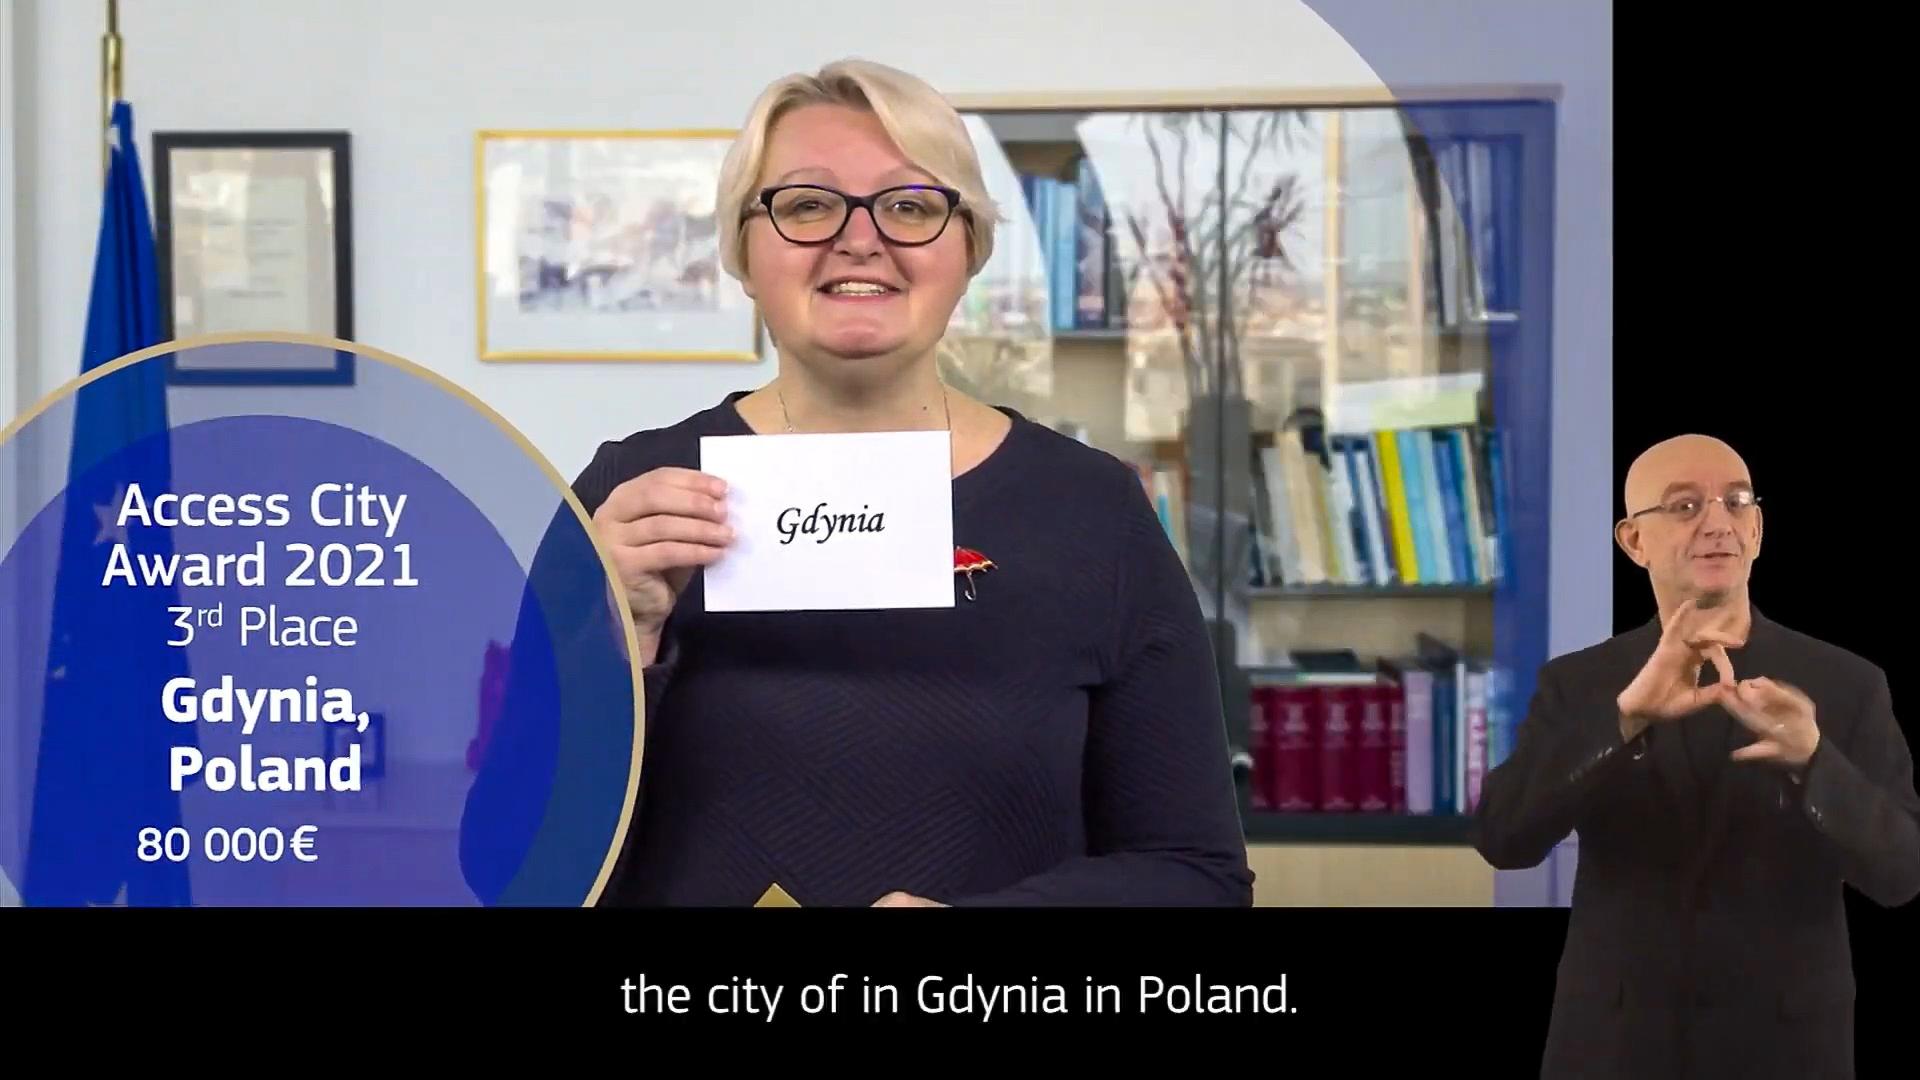 Katarina Ivanković-Knežević, Dyrektor ds. Społecznych w Komisji Europejskiej ogłasza III nagrodę dla Gdyni podczas internetowej gali Access City Award. Źródło: zrzut ekranu